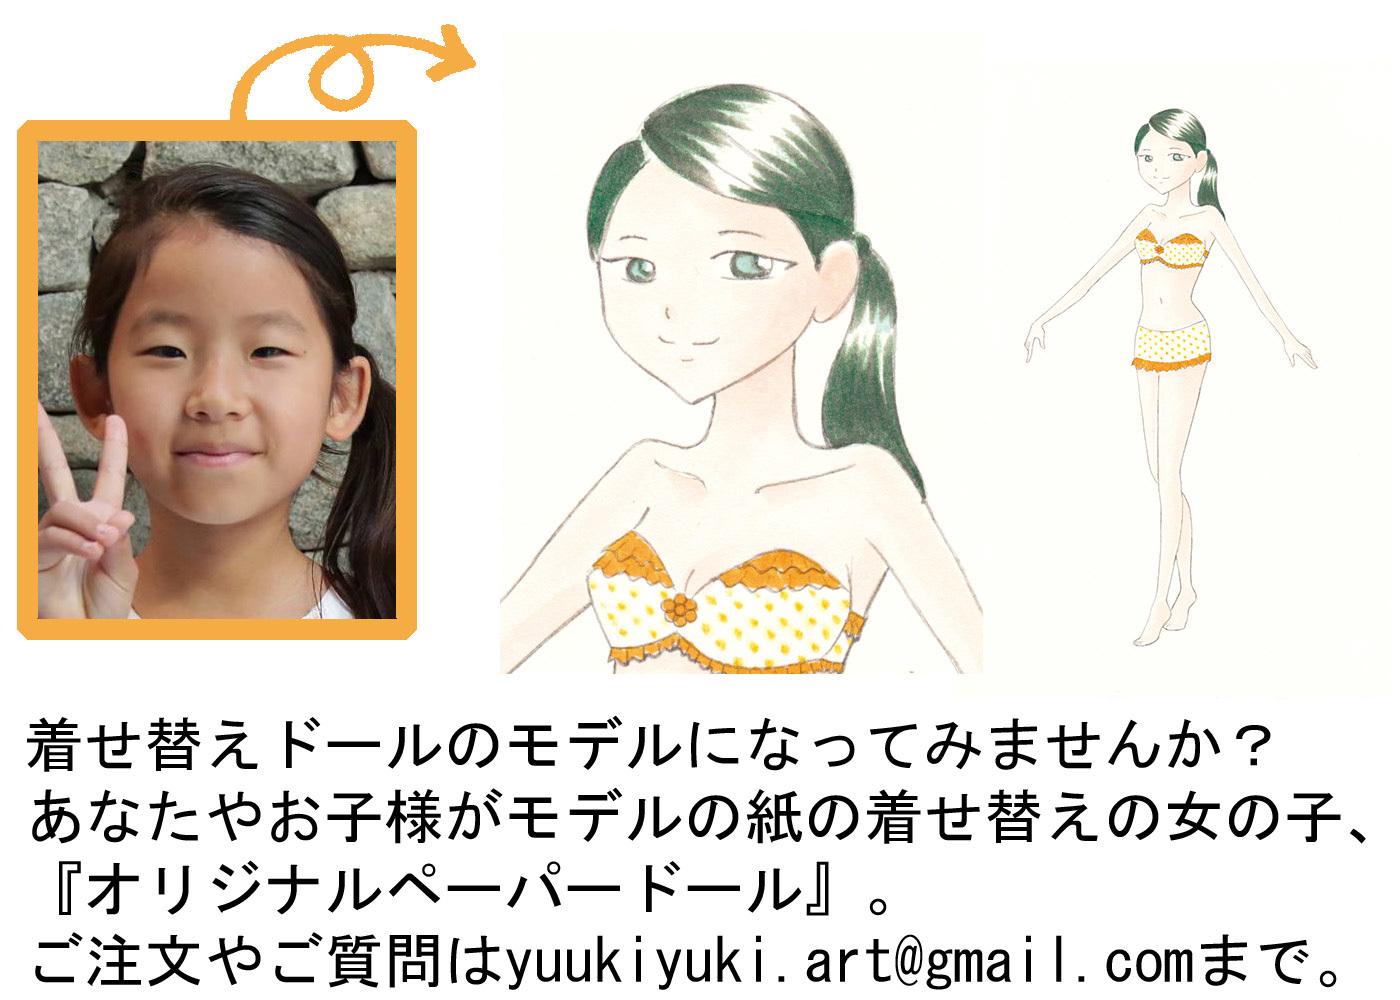 doll_web_moji_mihon03.jpg